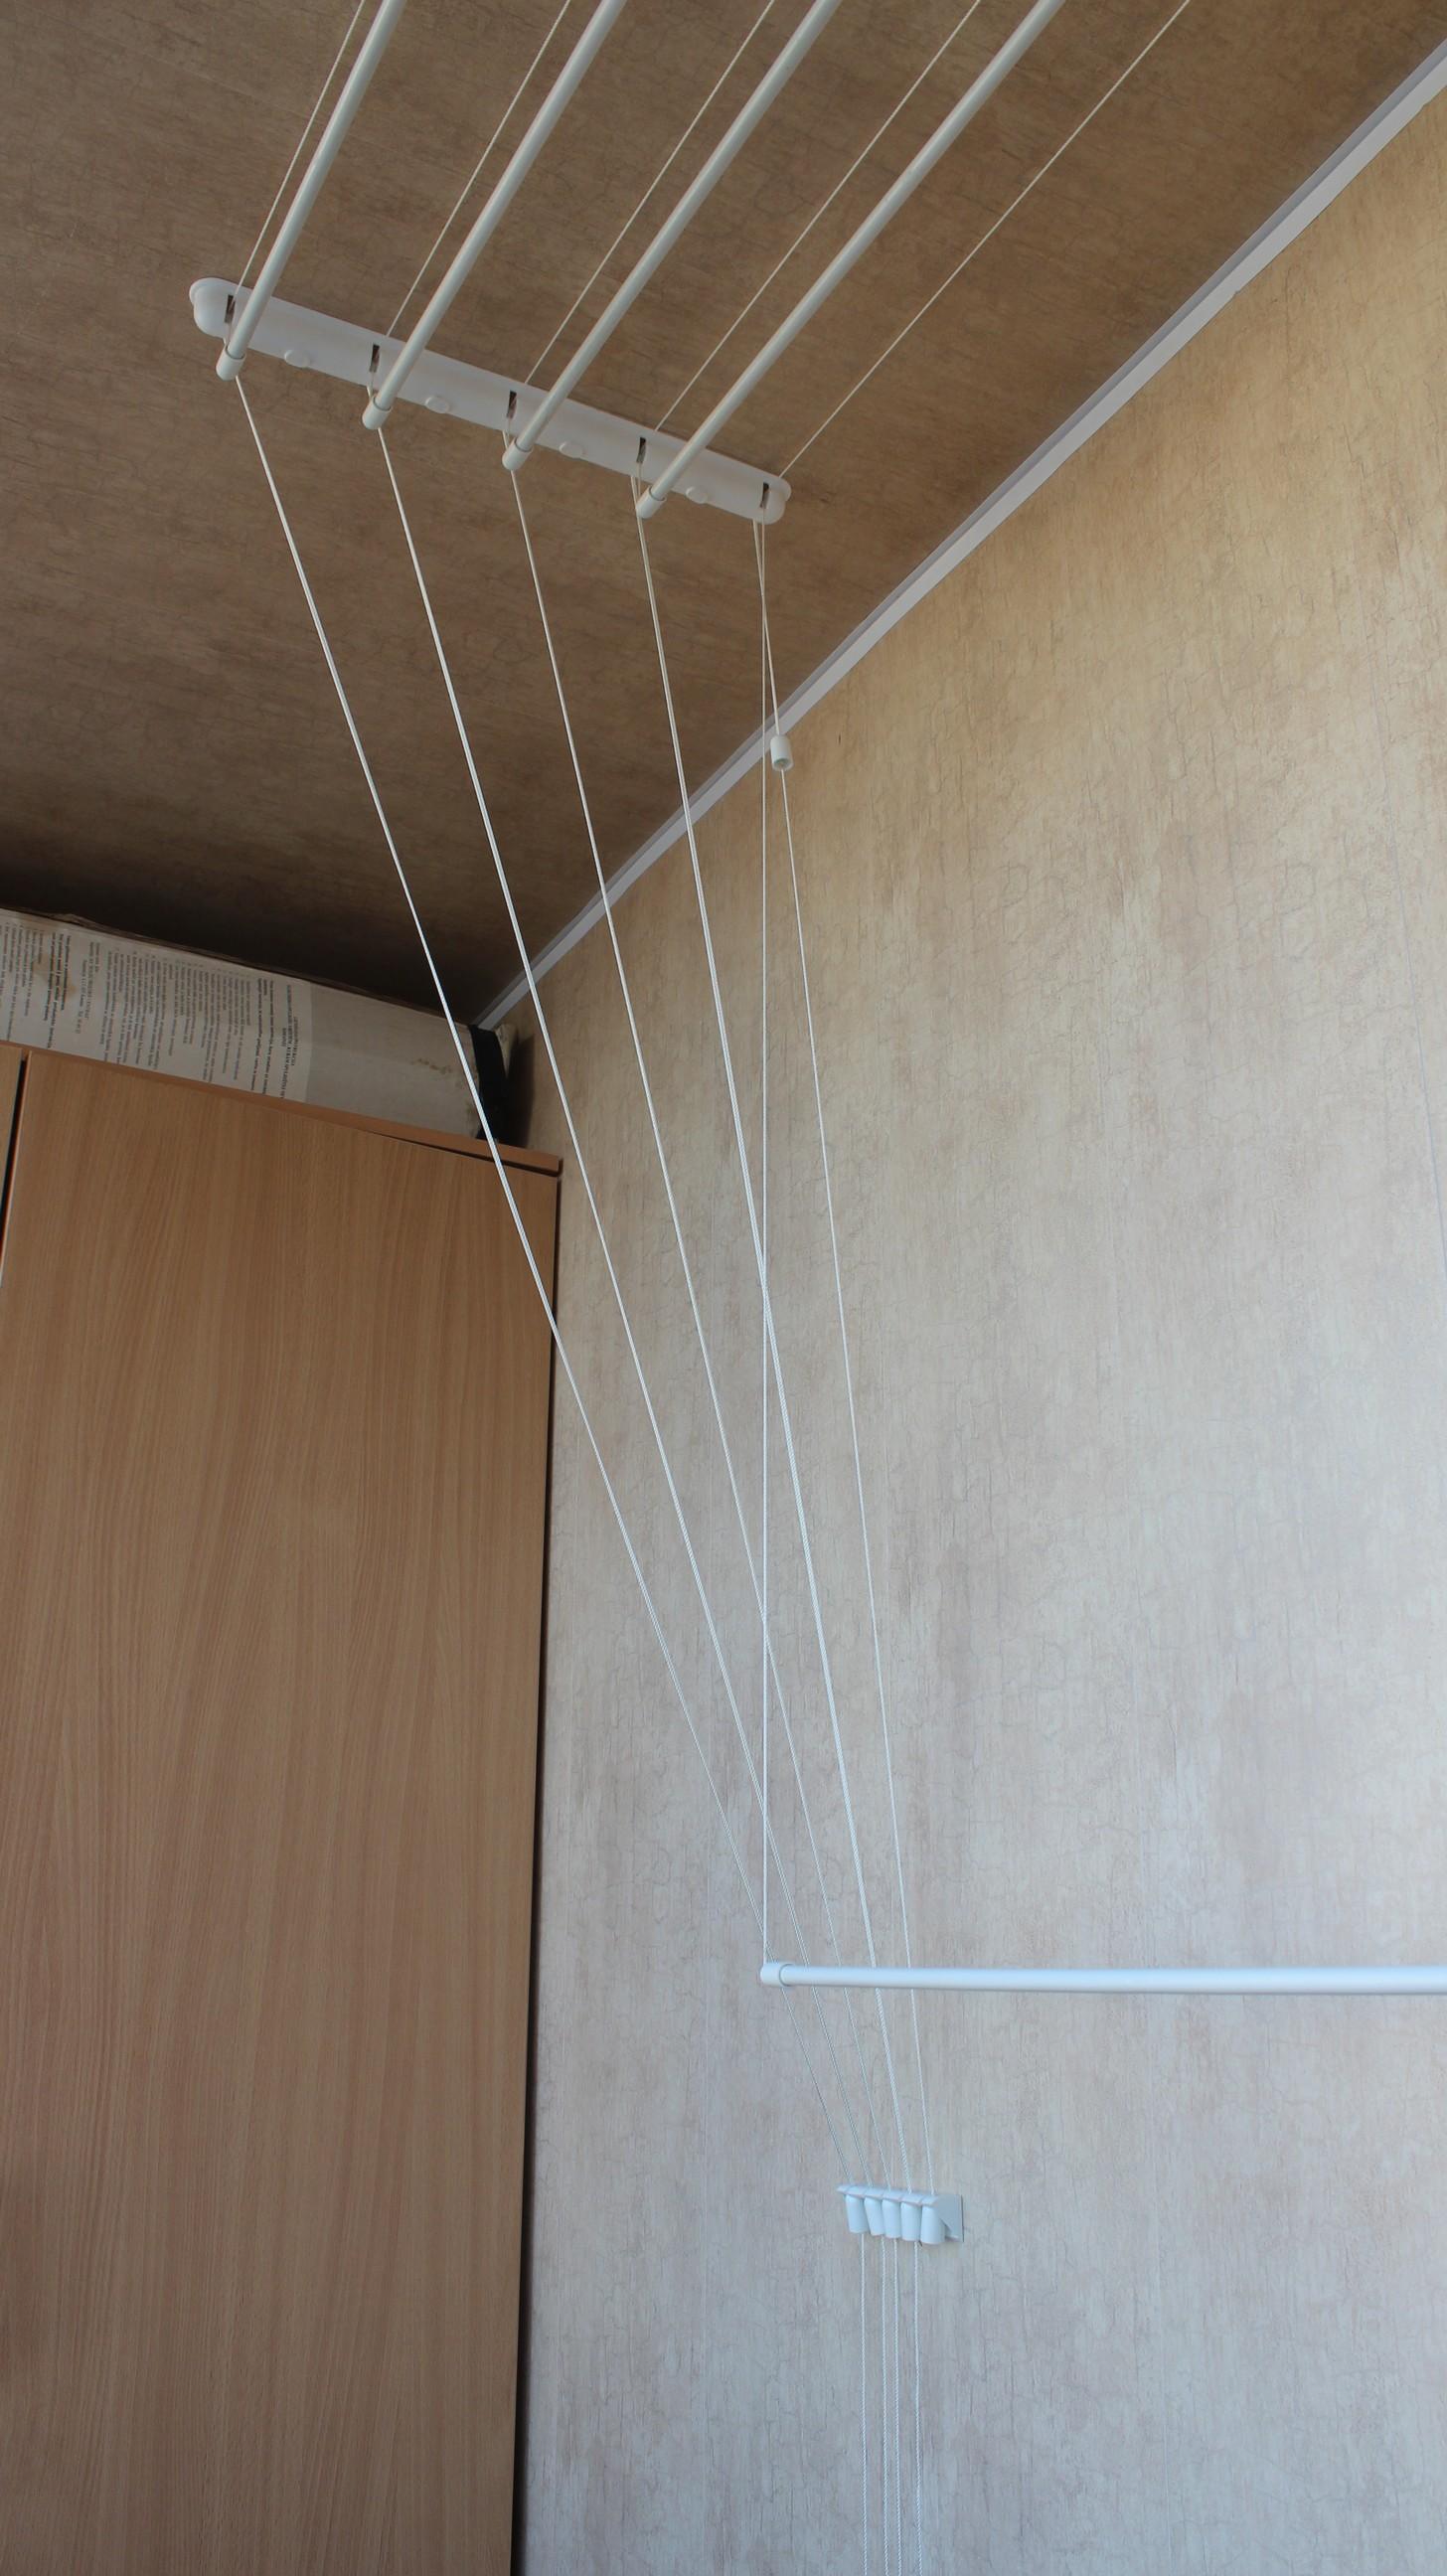 Потолочная сушилка для белья Лифт 16.jpg